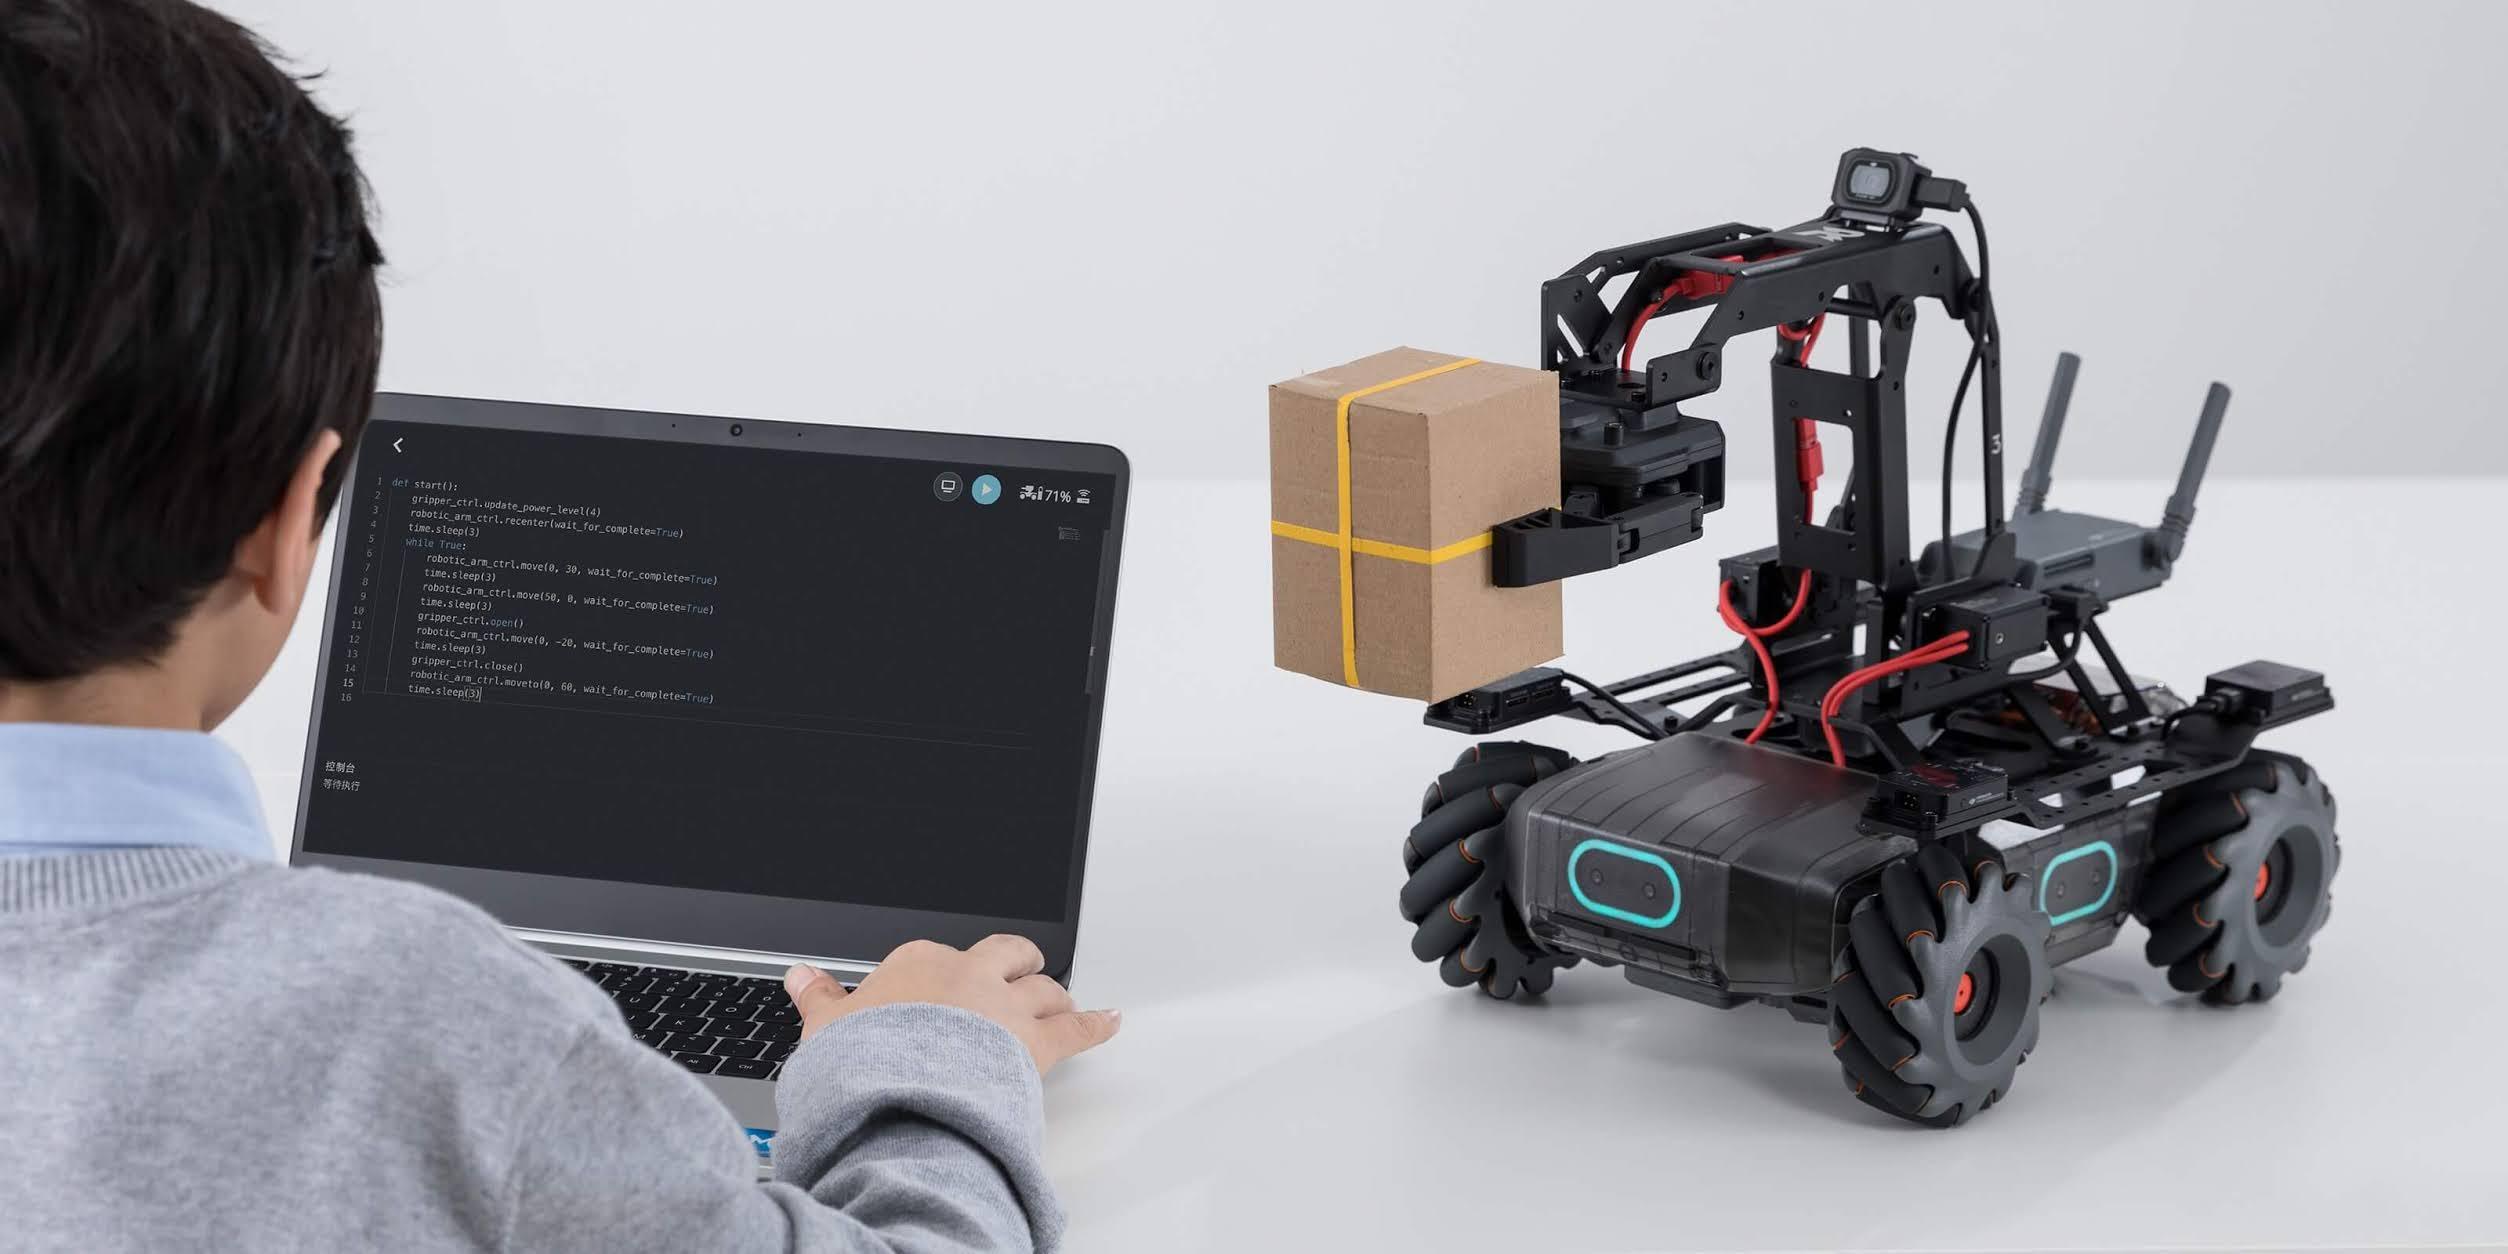 La robótica educativa como herramienta mental de aprendizaje significativo